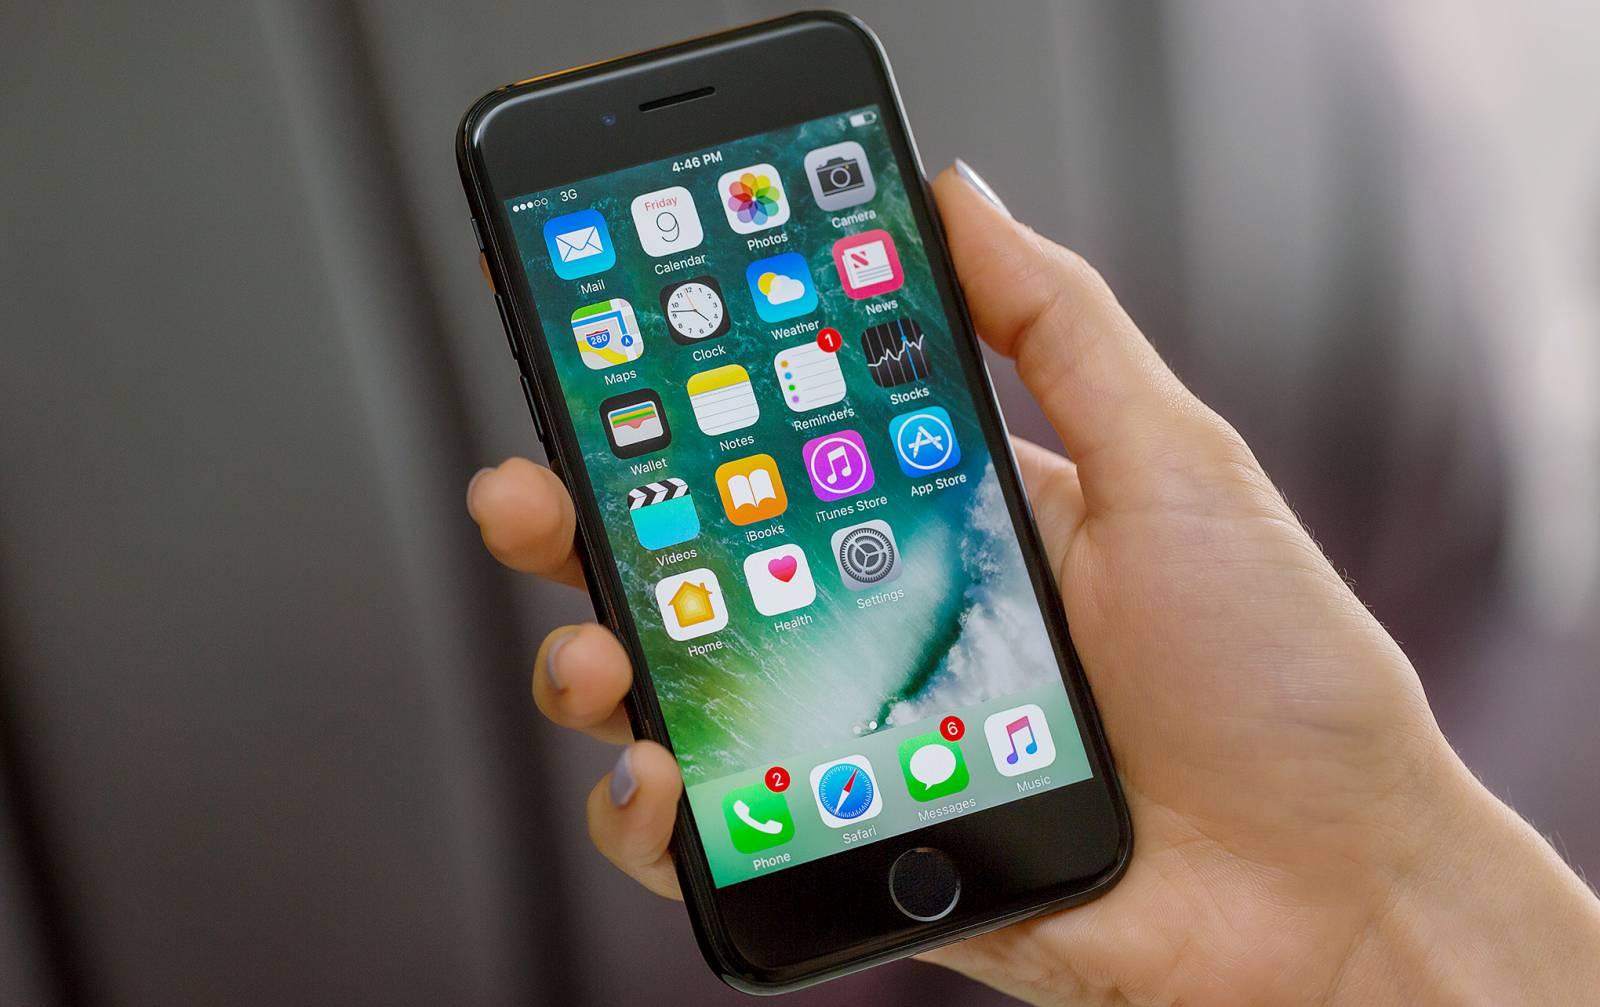 emag iphone 7 1900 lei reducere